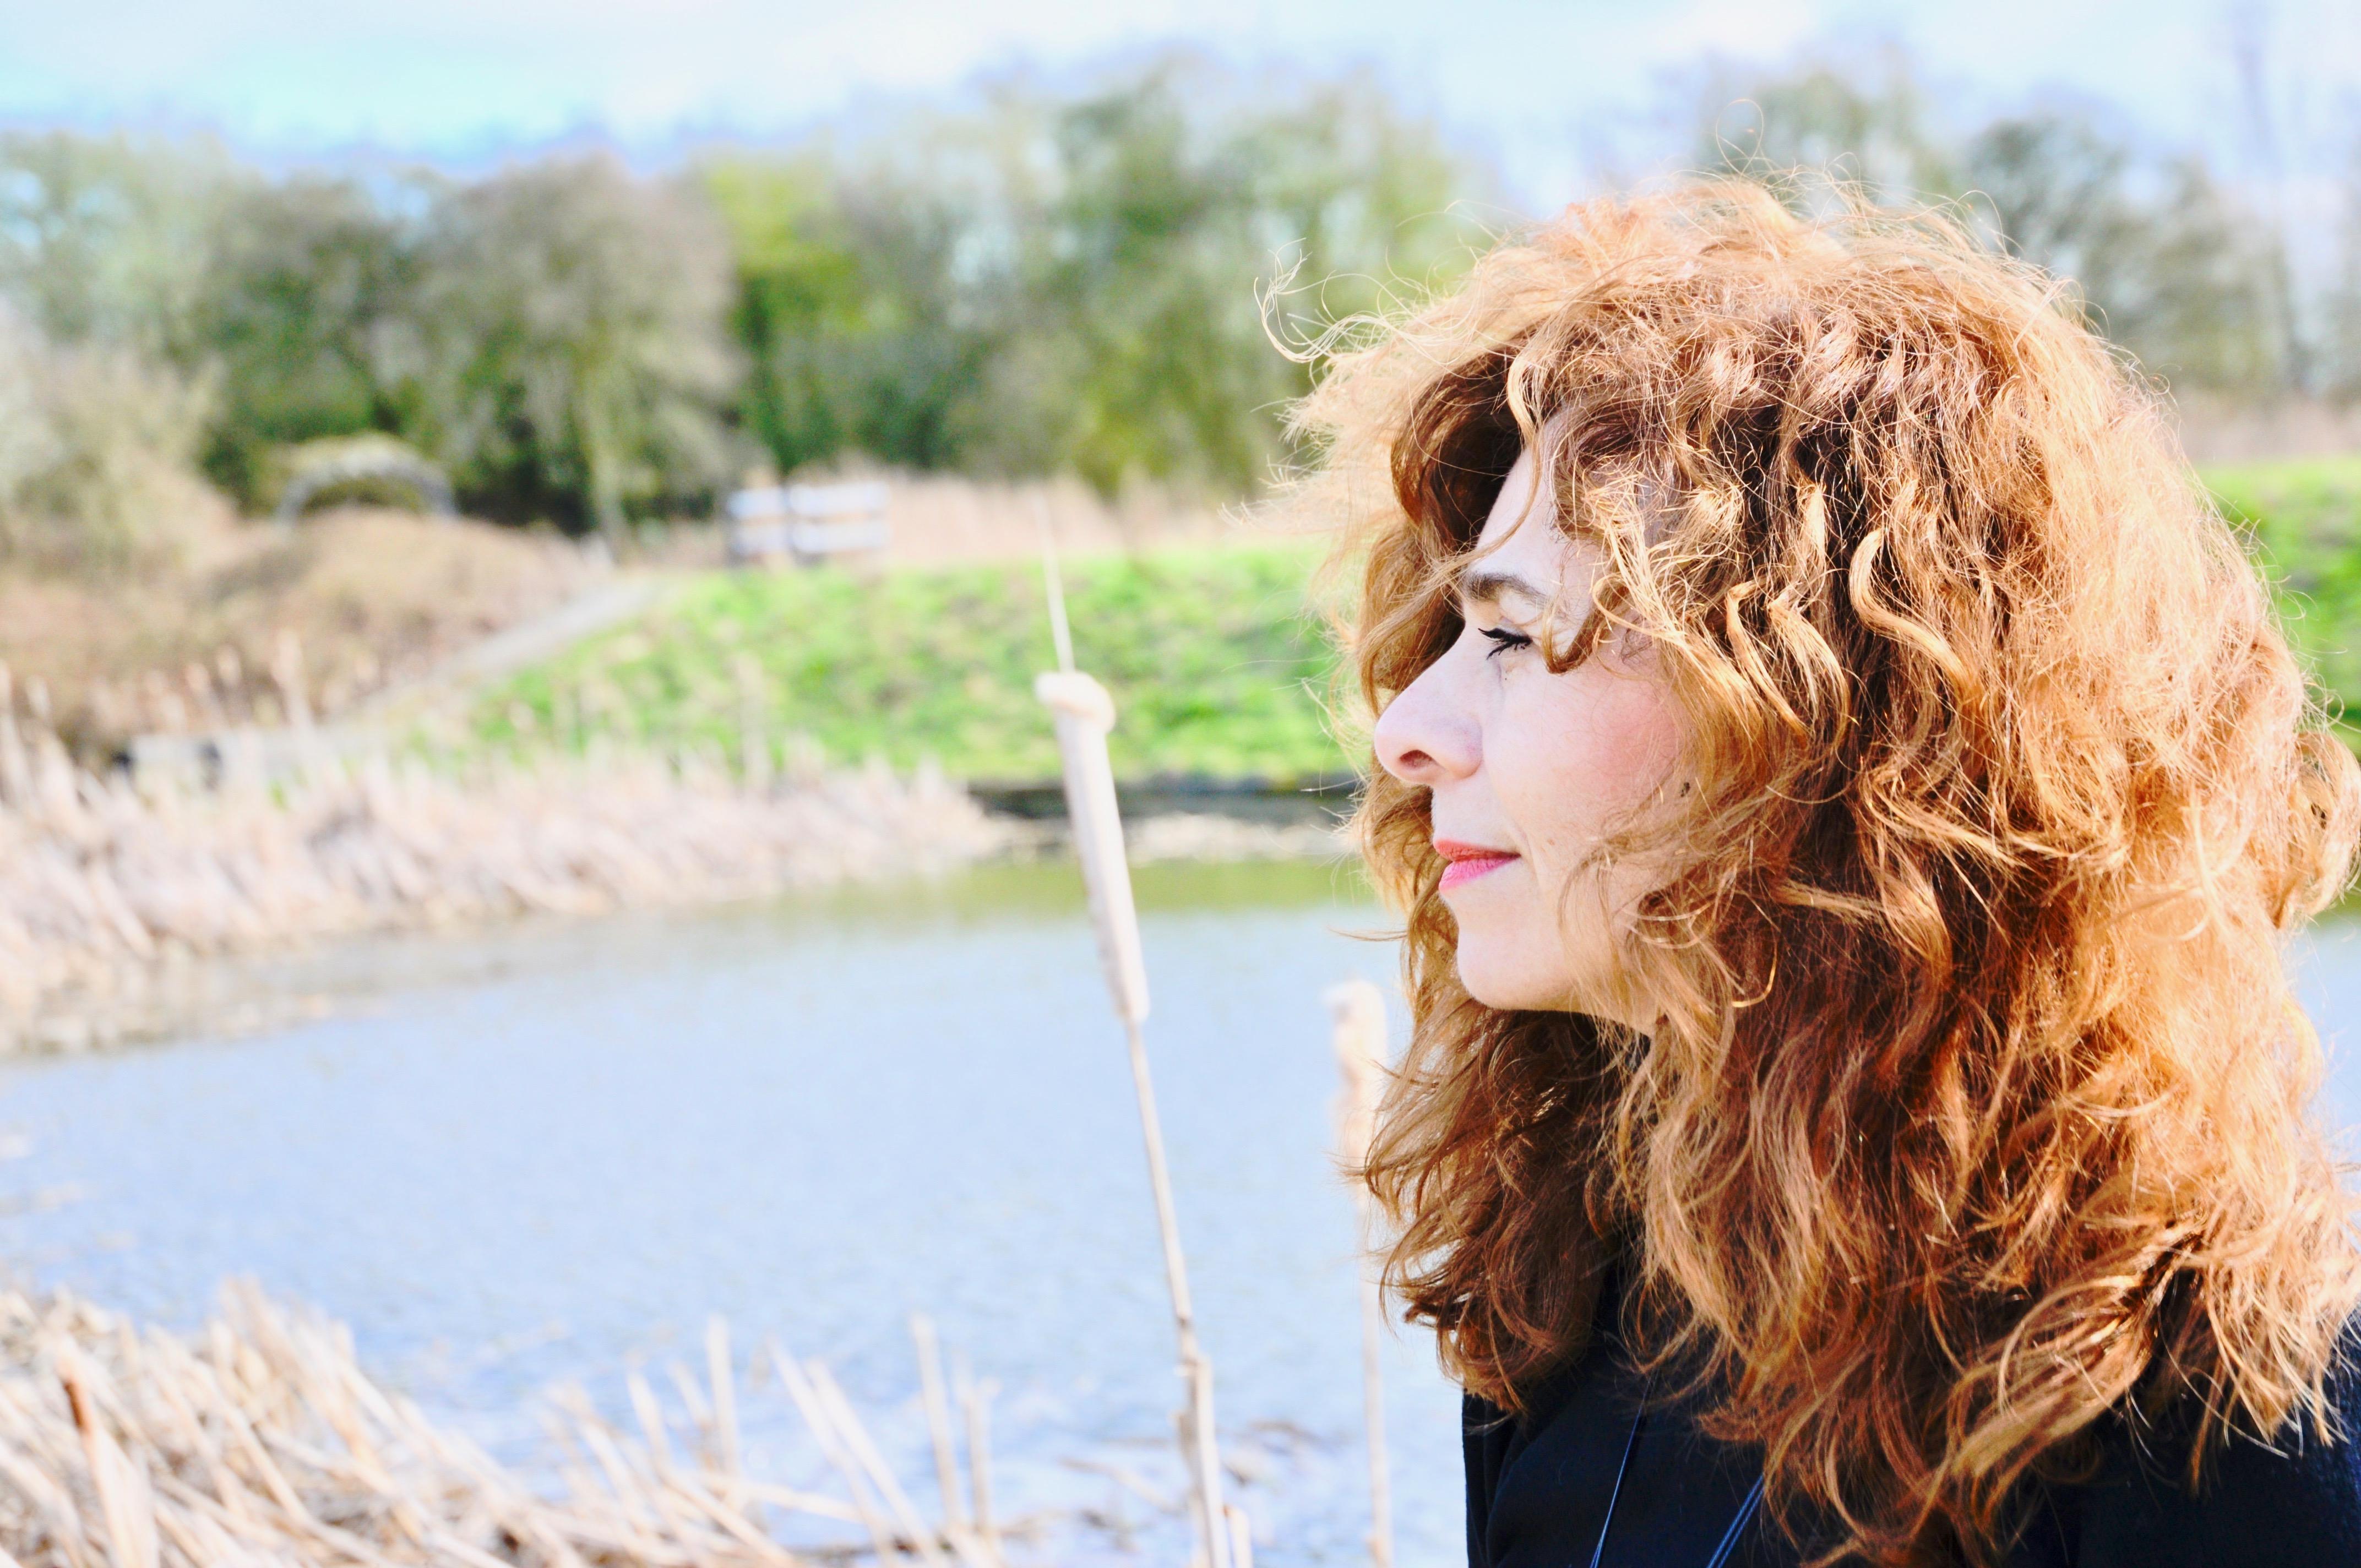 photography artist portrait